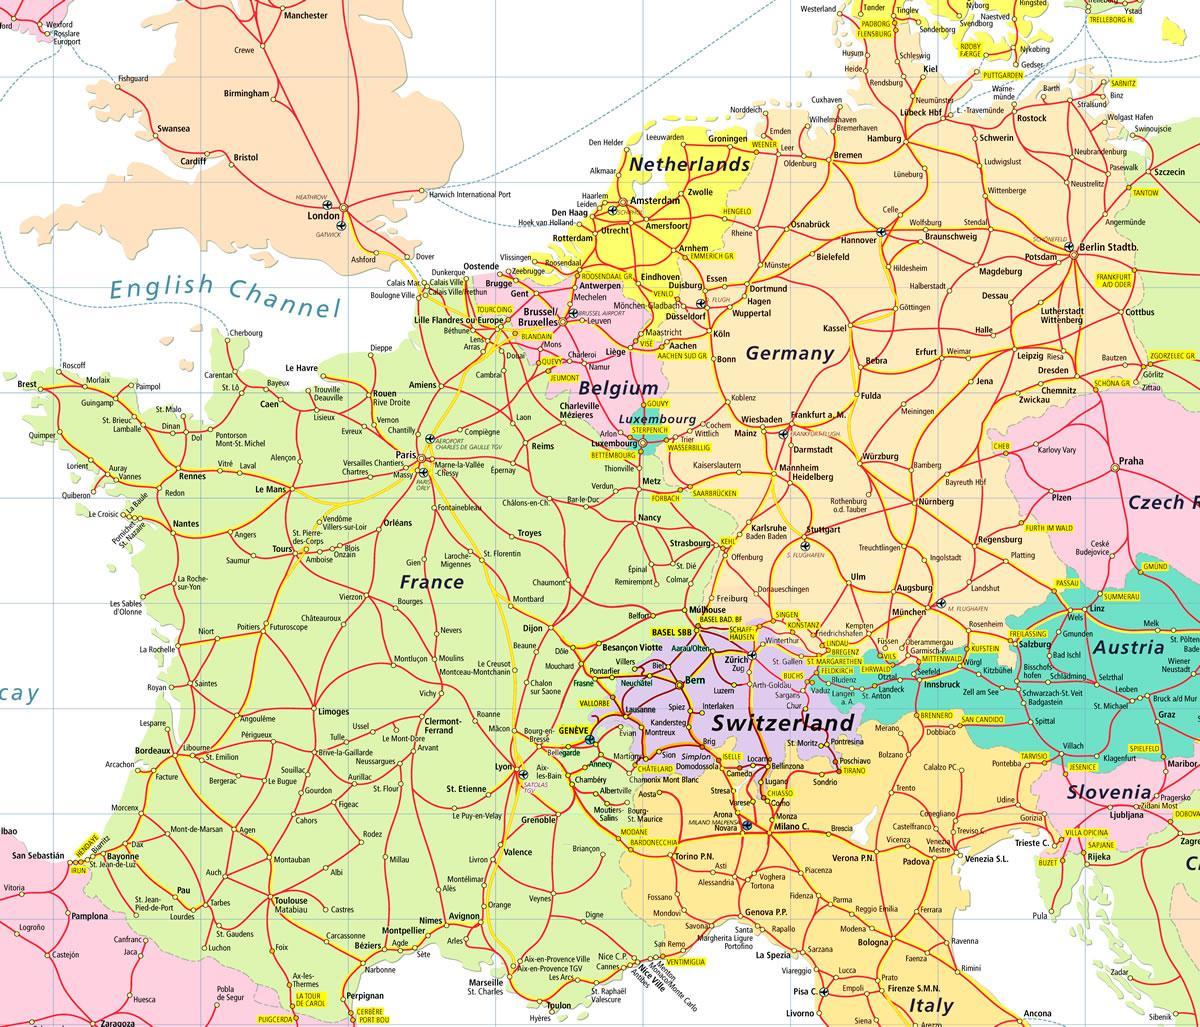 Karta Over Schweiz Och Europa Karta Over Europa Som Visar Schweiz